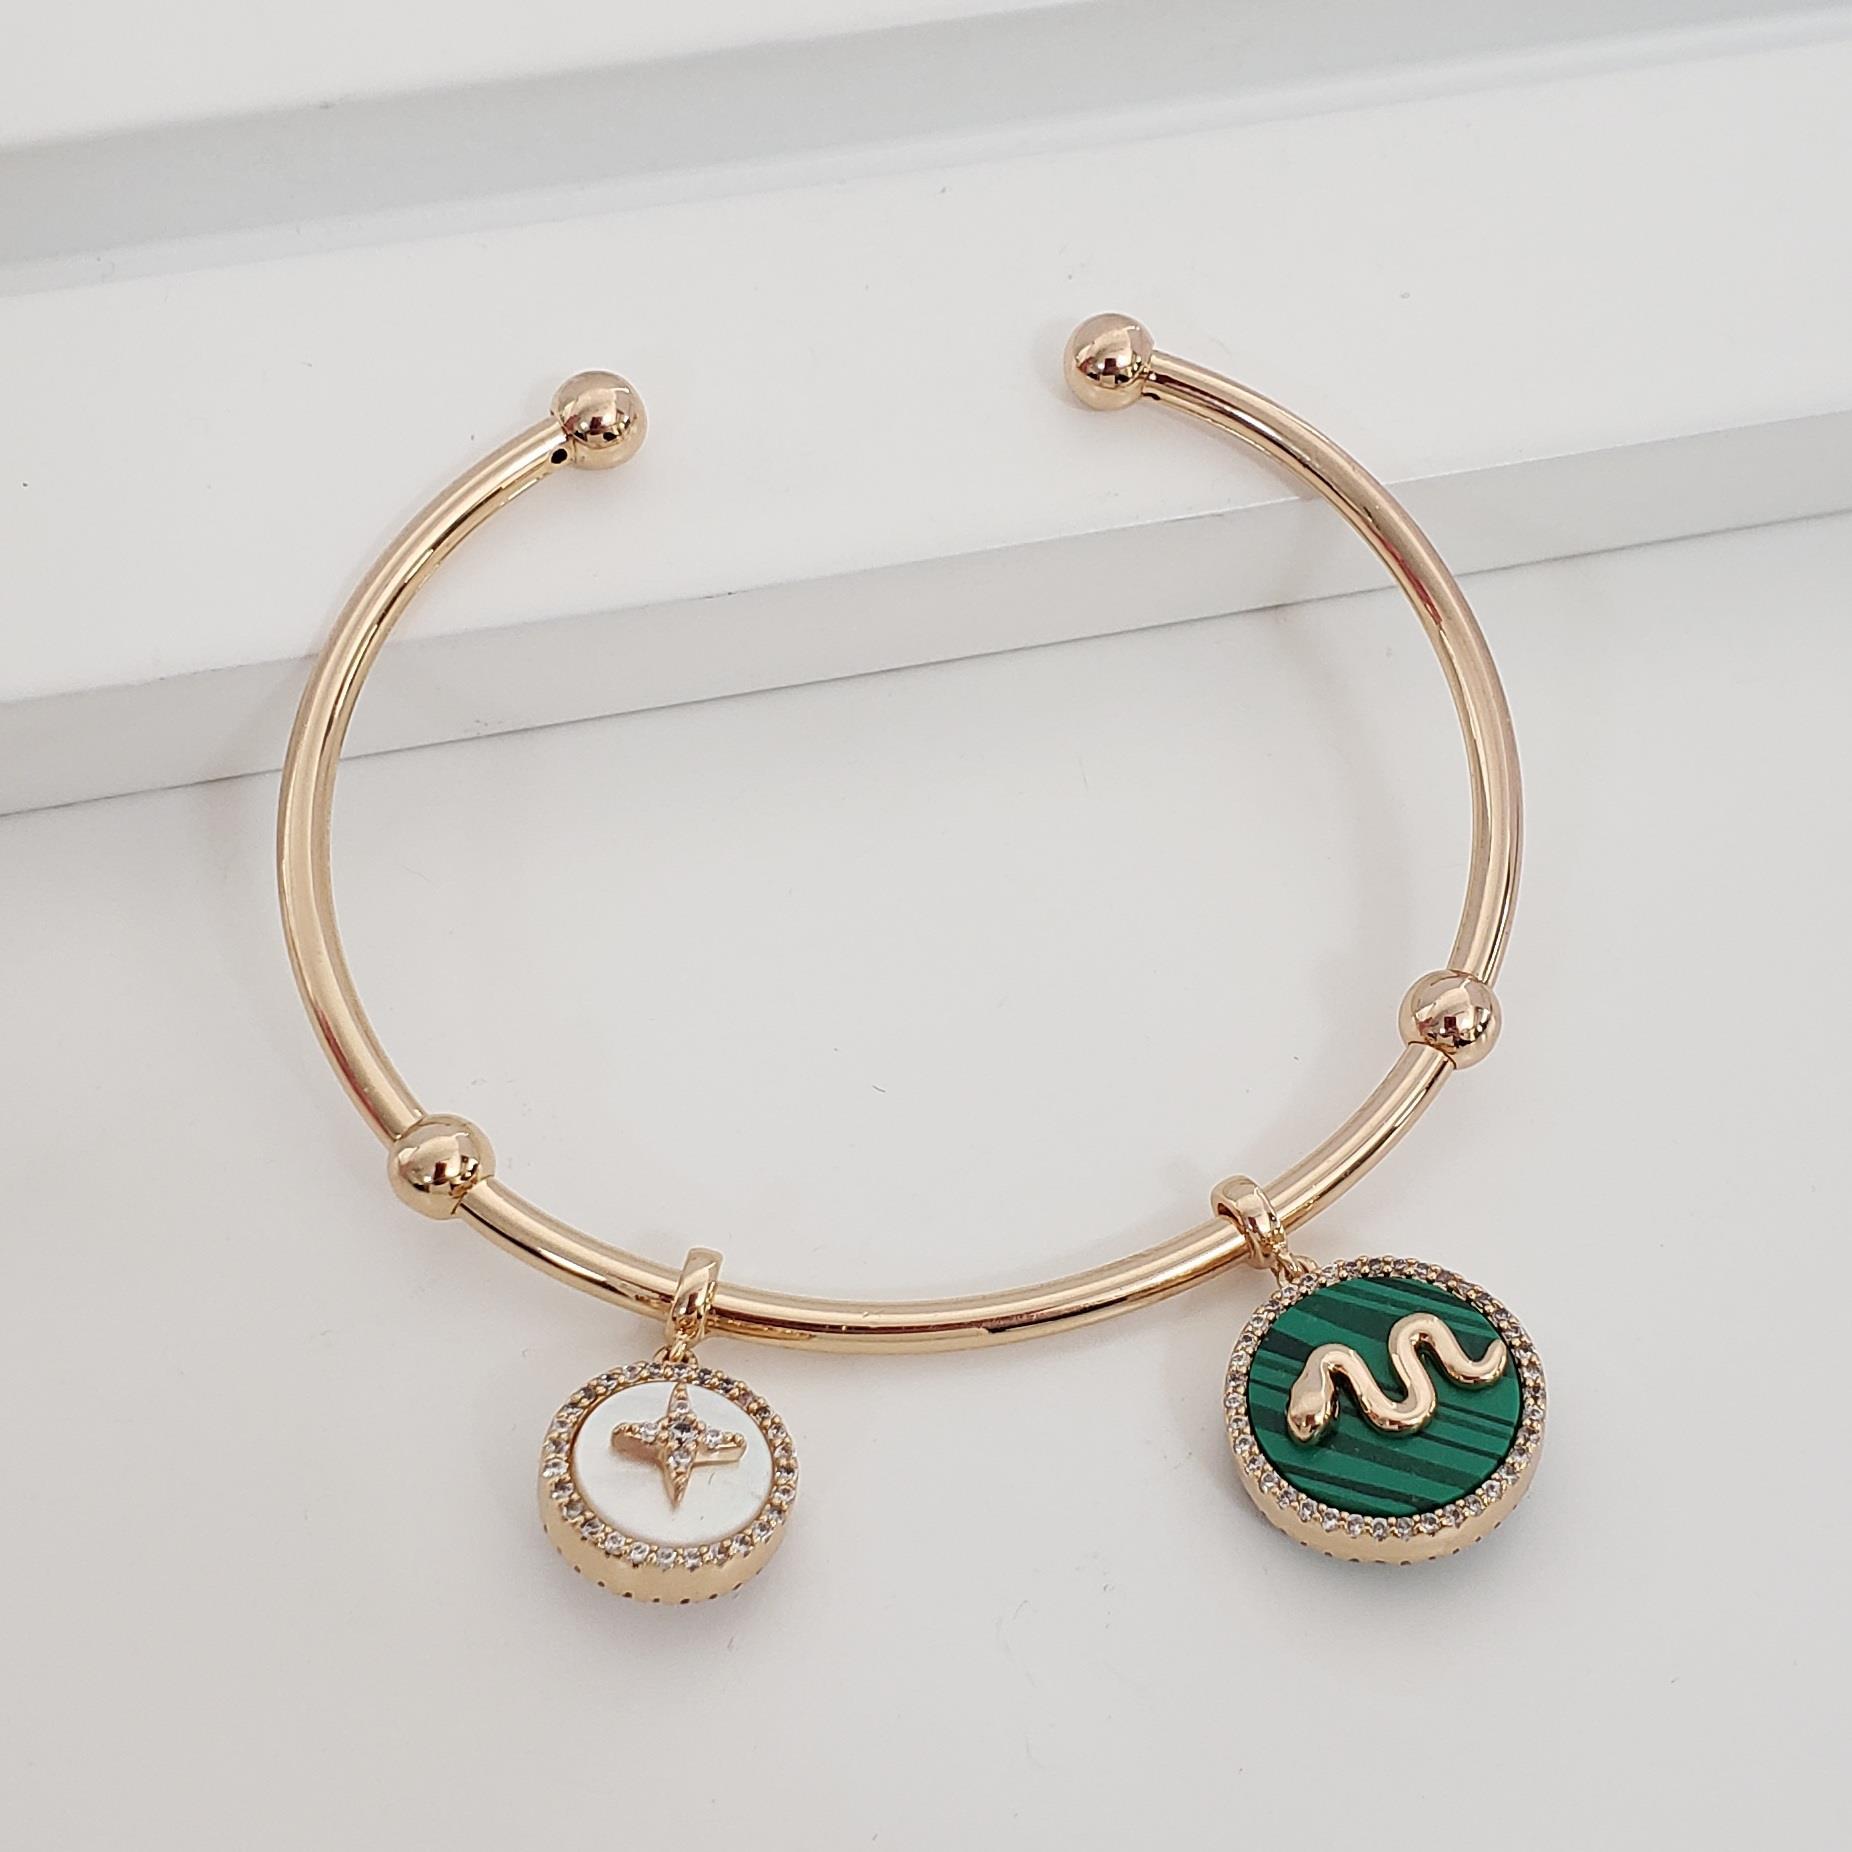 Bracelete Fino Aberto Abaulado com Pingente Madre Pérola e Abalone no Banho Ouro 18k Semijoia